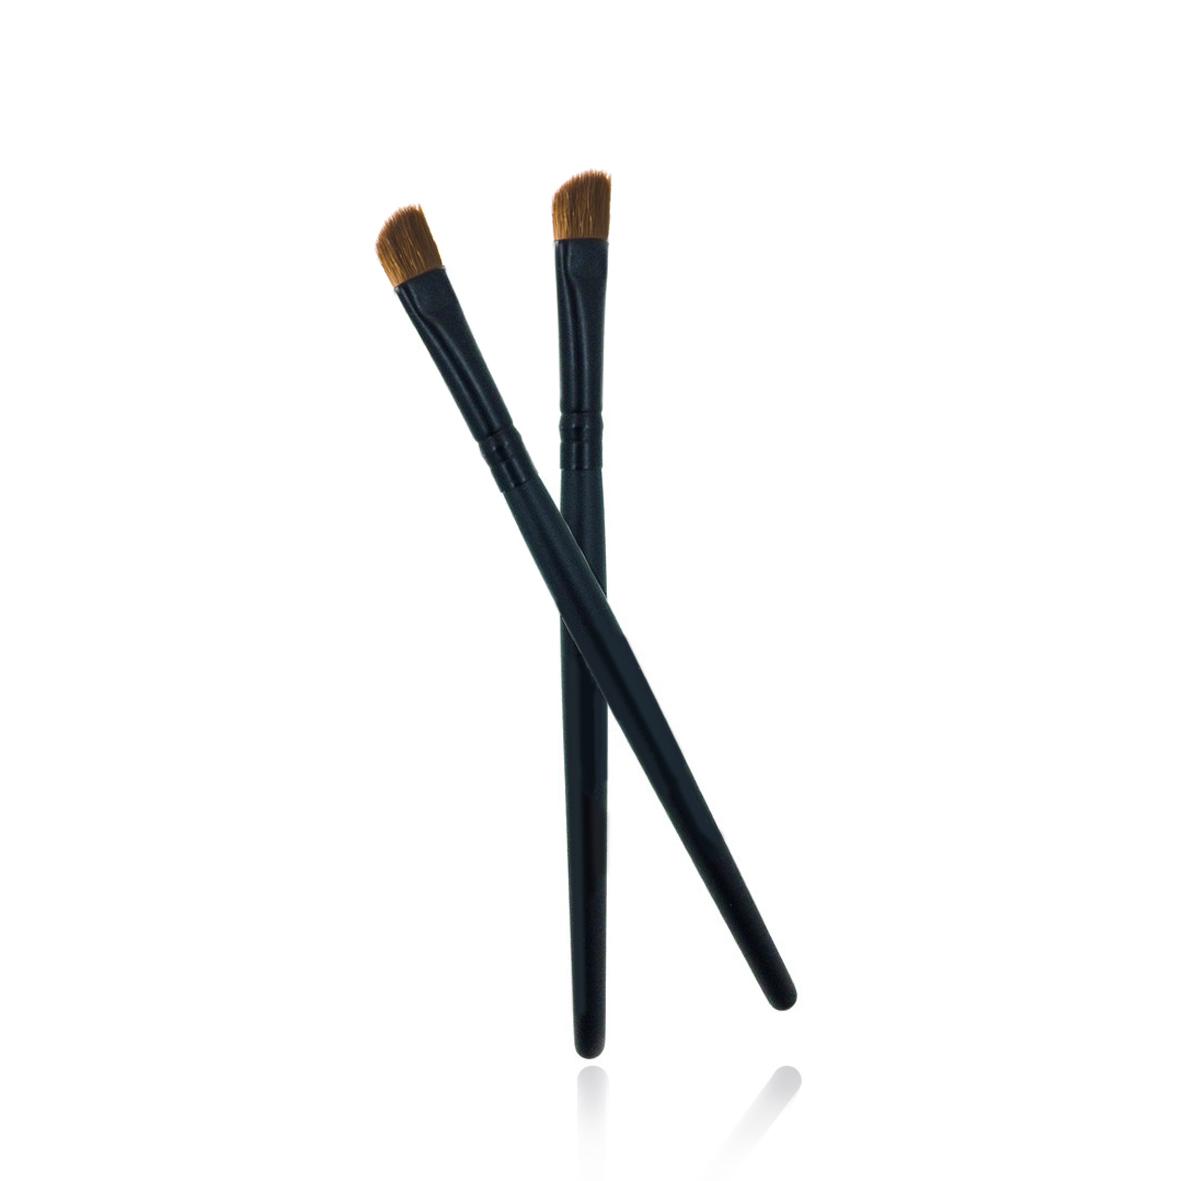 POSH Кисточка профессиональная для растушевки и подводки, со скосом (волокно кинеколон) от Галерея Косметики